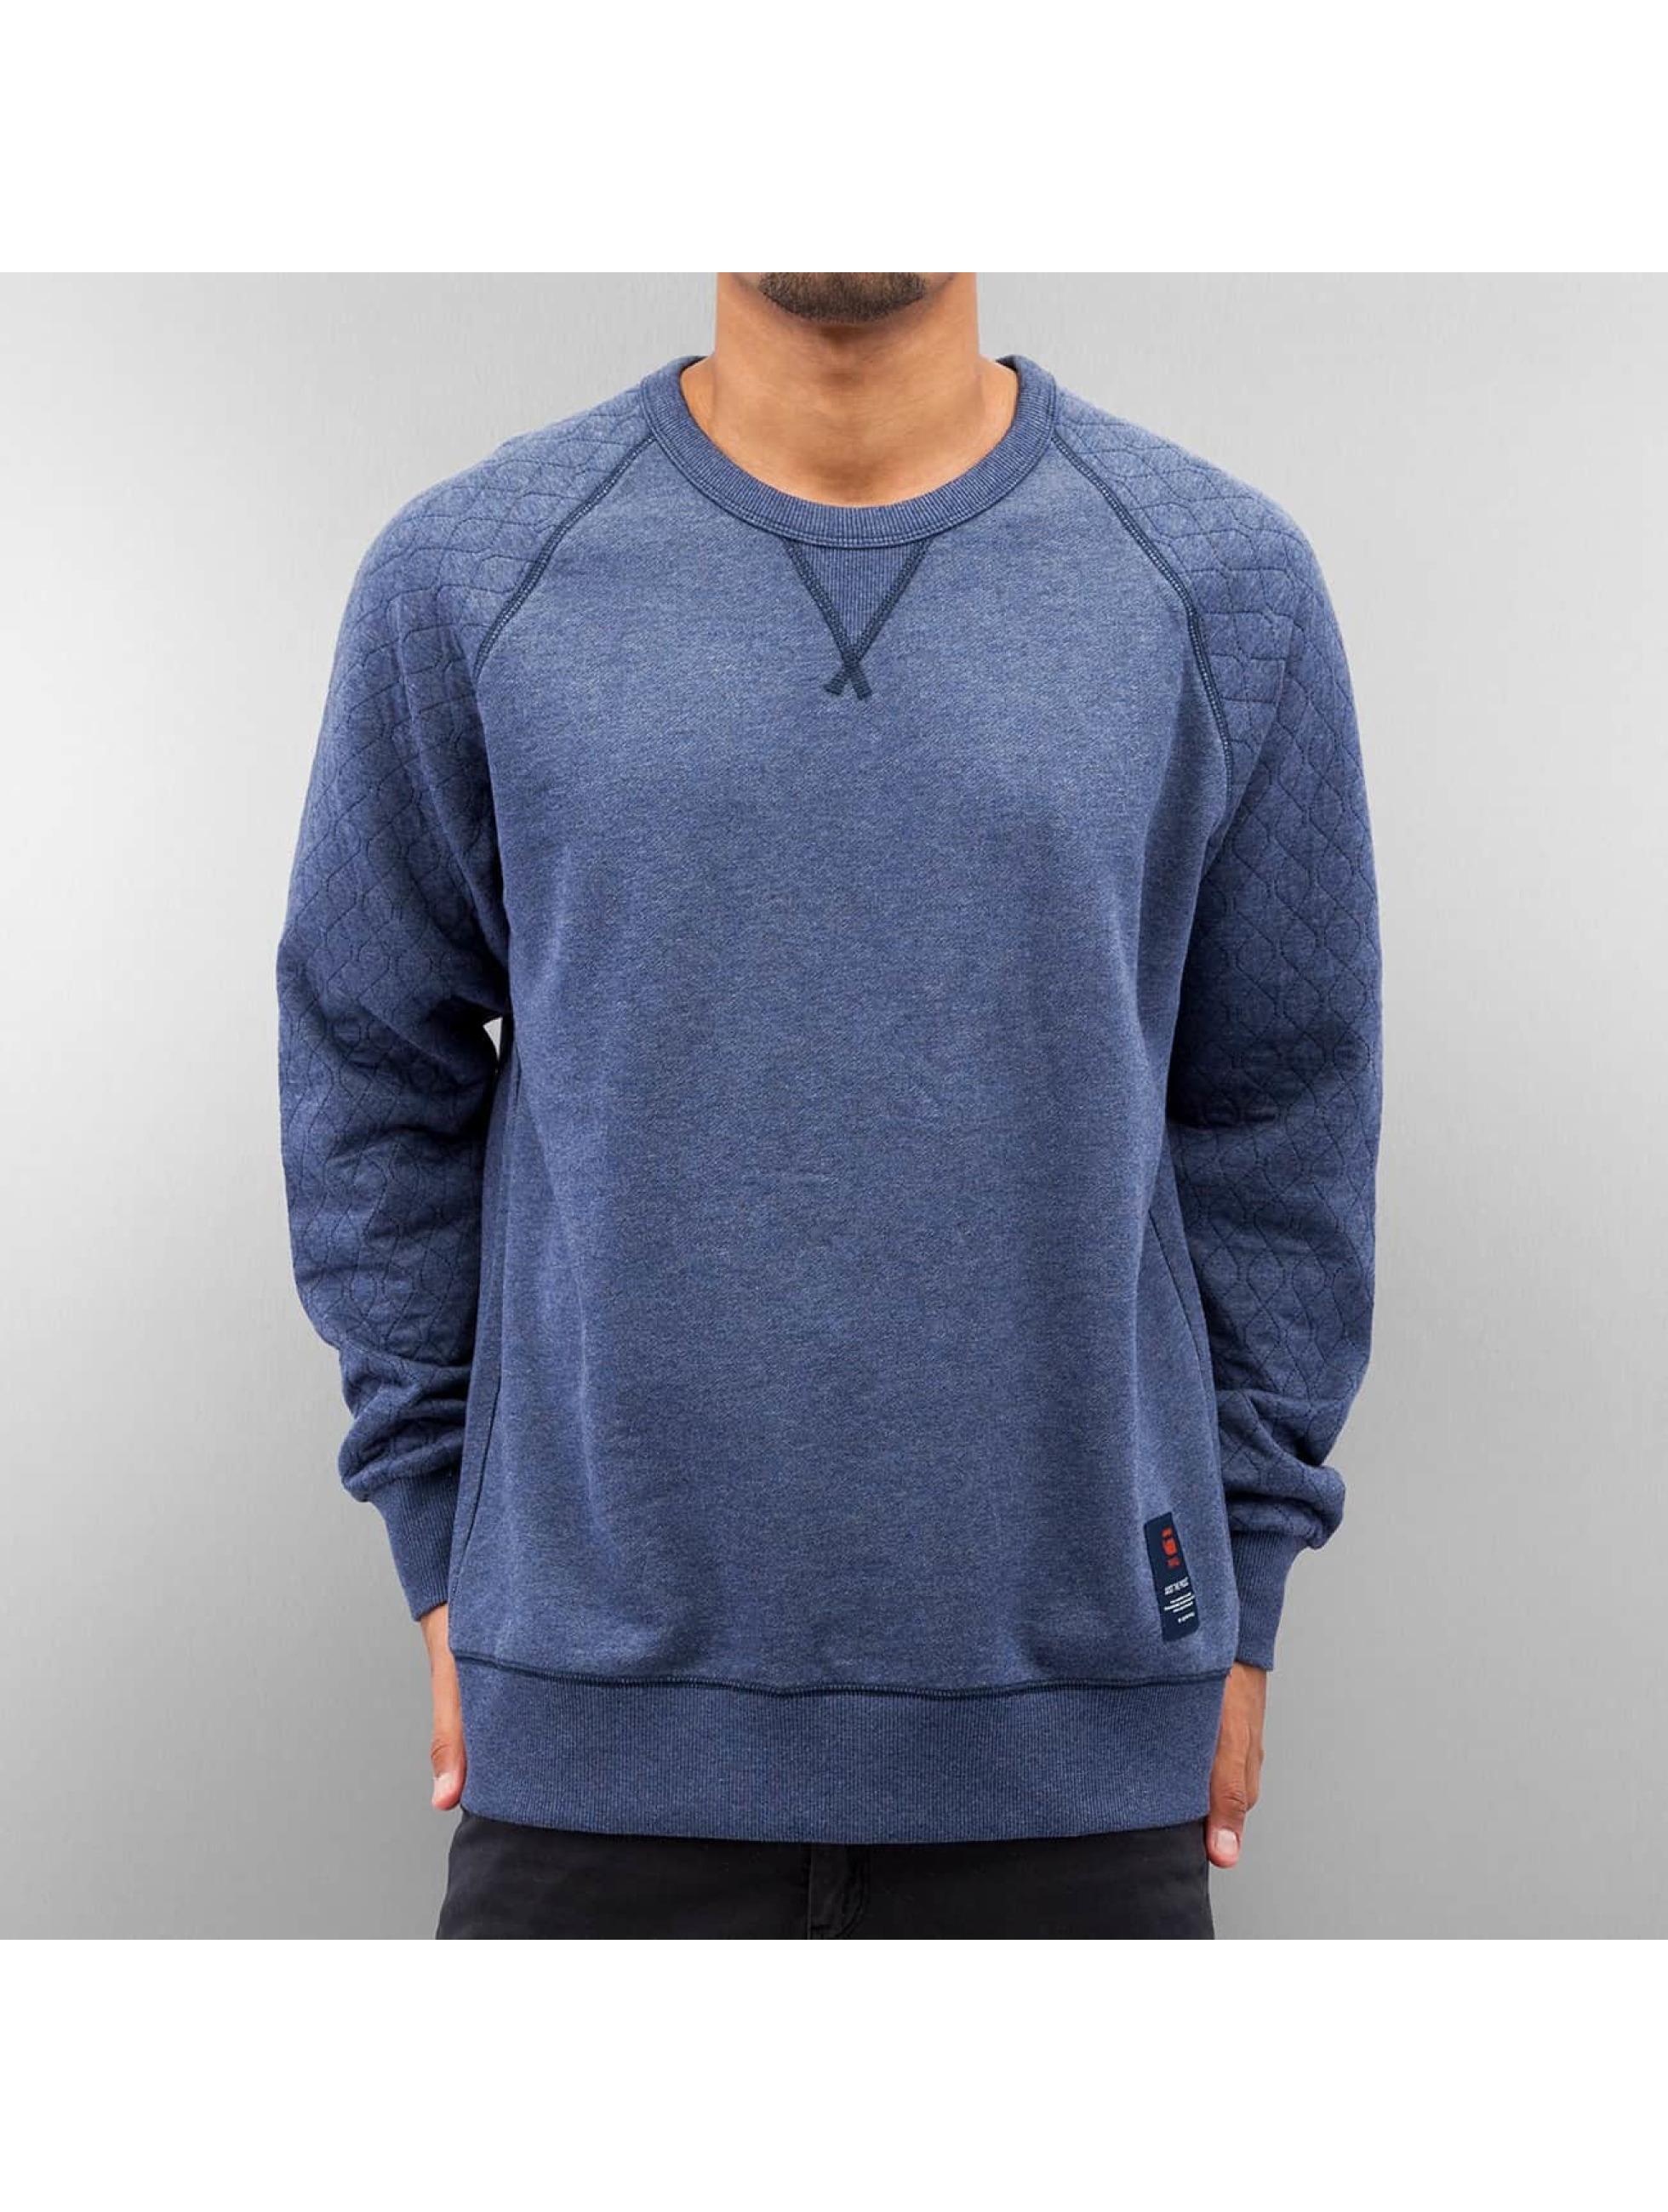 G-Star Männer Pullover Toublo Sherland in blau